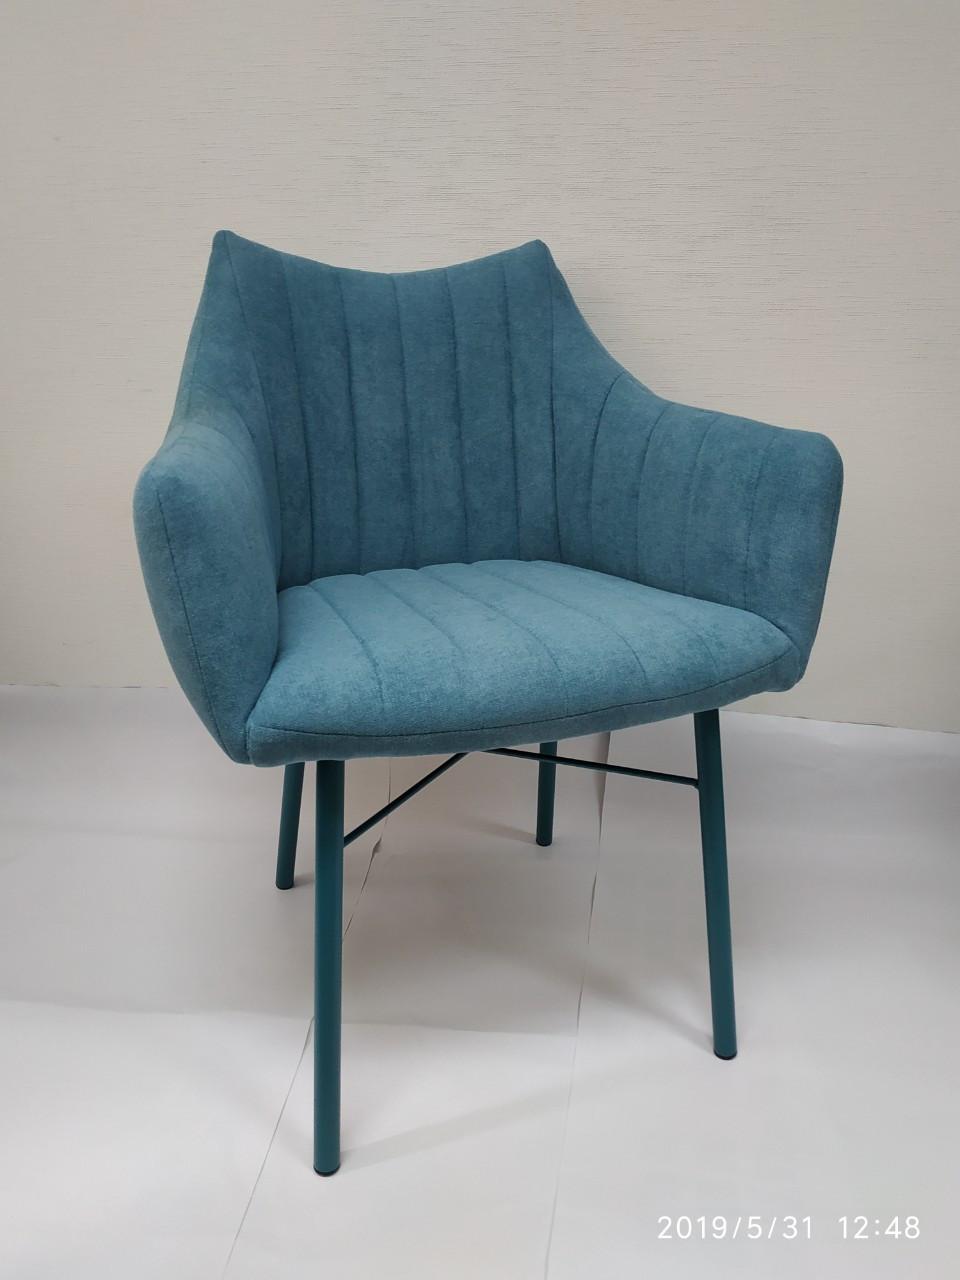 Кресло BONN (64*60*87 cm текстиль) бирюза